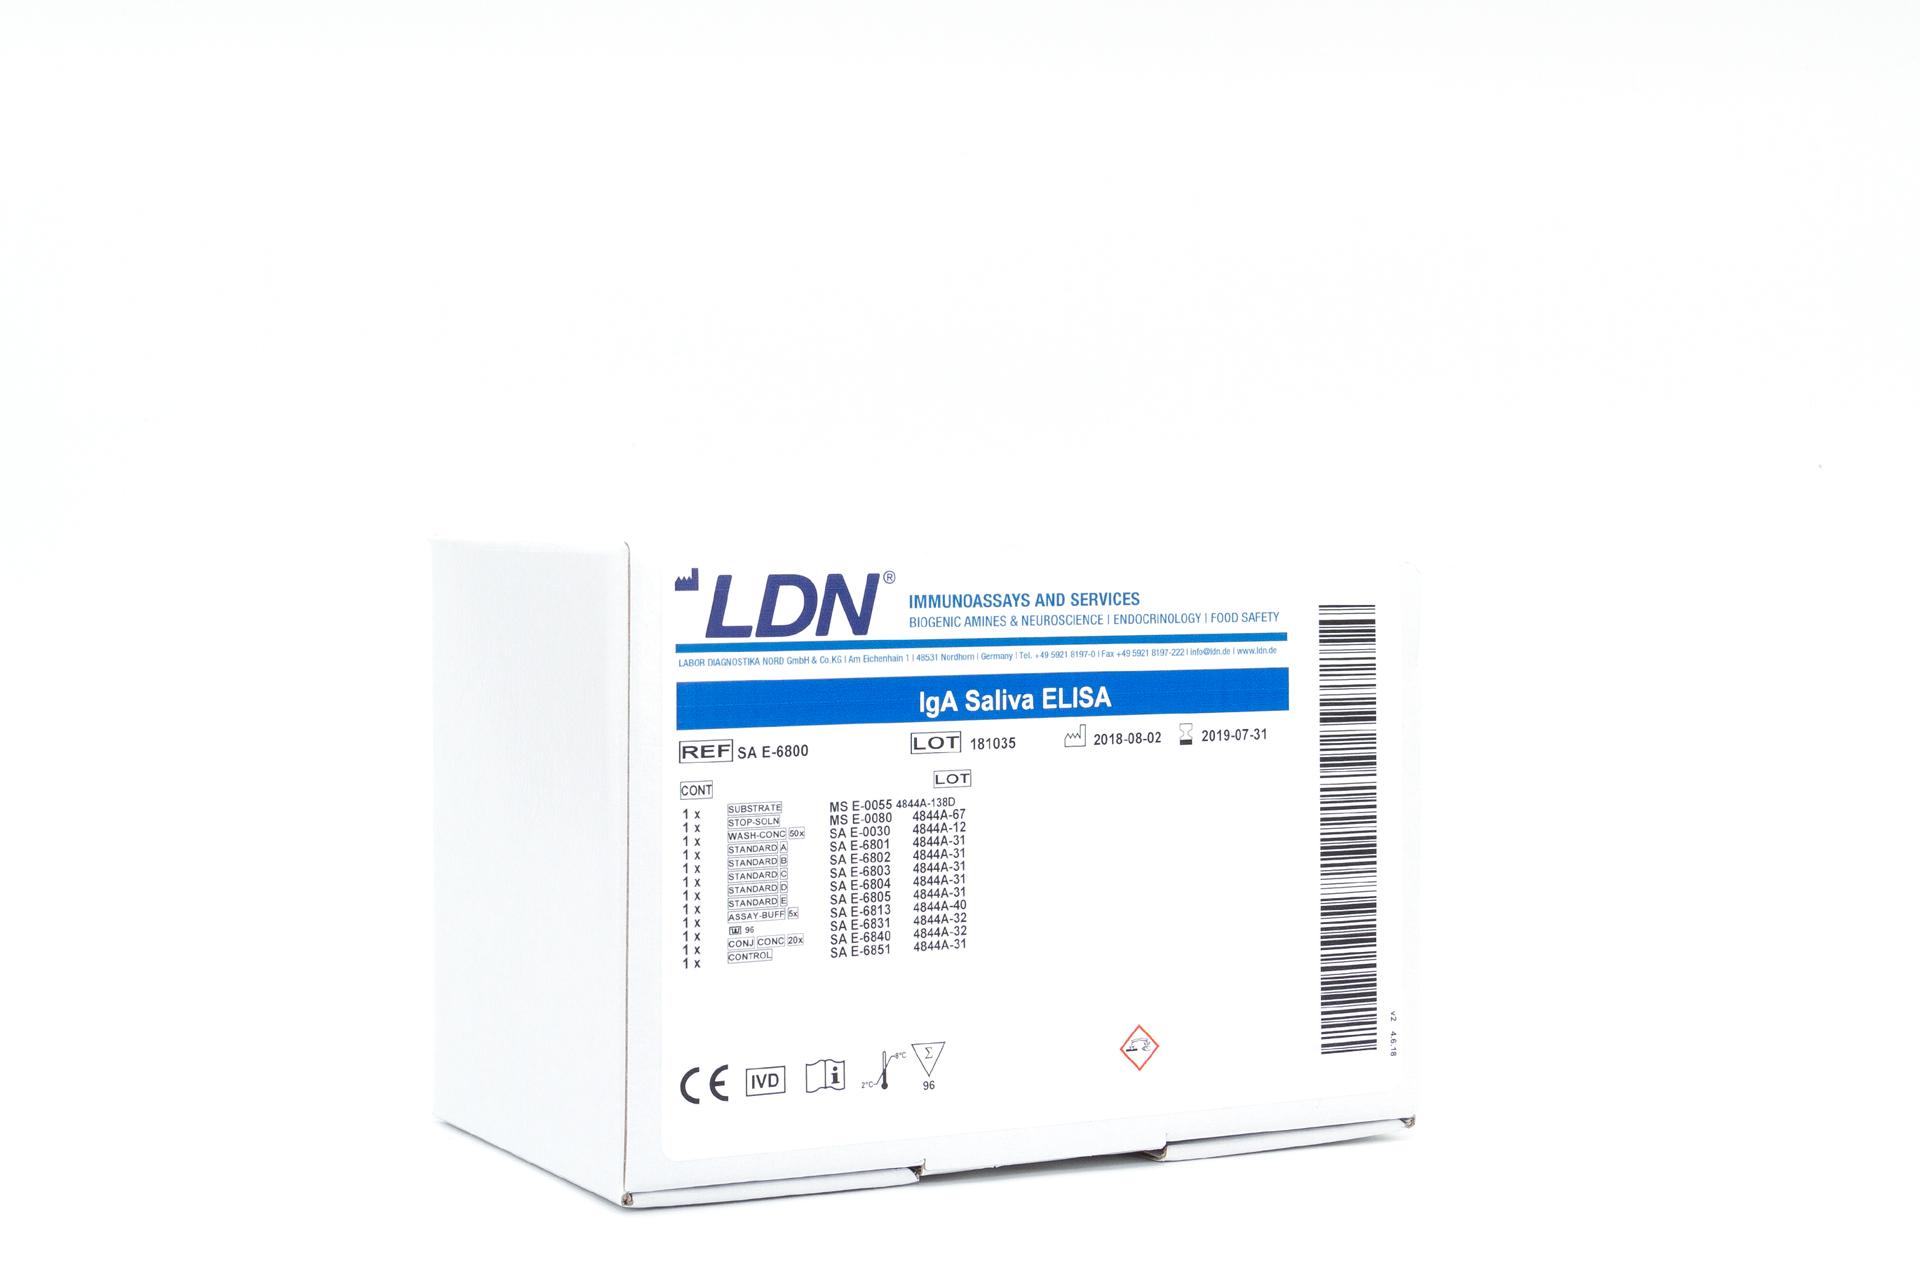 人唾液IgA检测试剂盒IgA Saliva ELISA